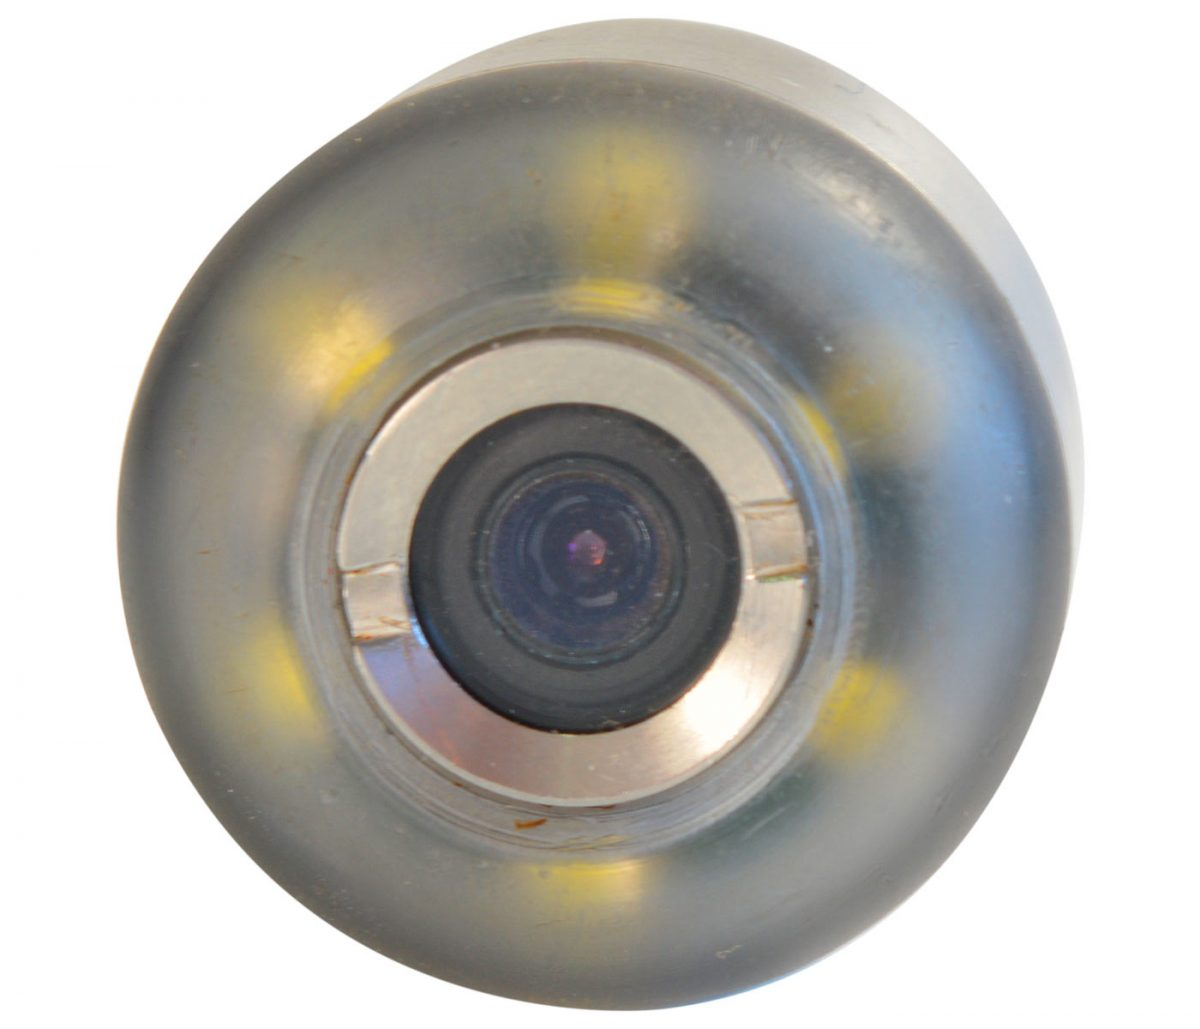 cabezal intercambiable cámara inspección tuberías QA25-1